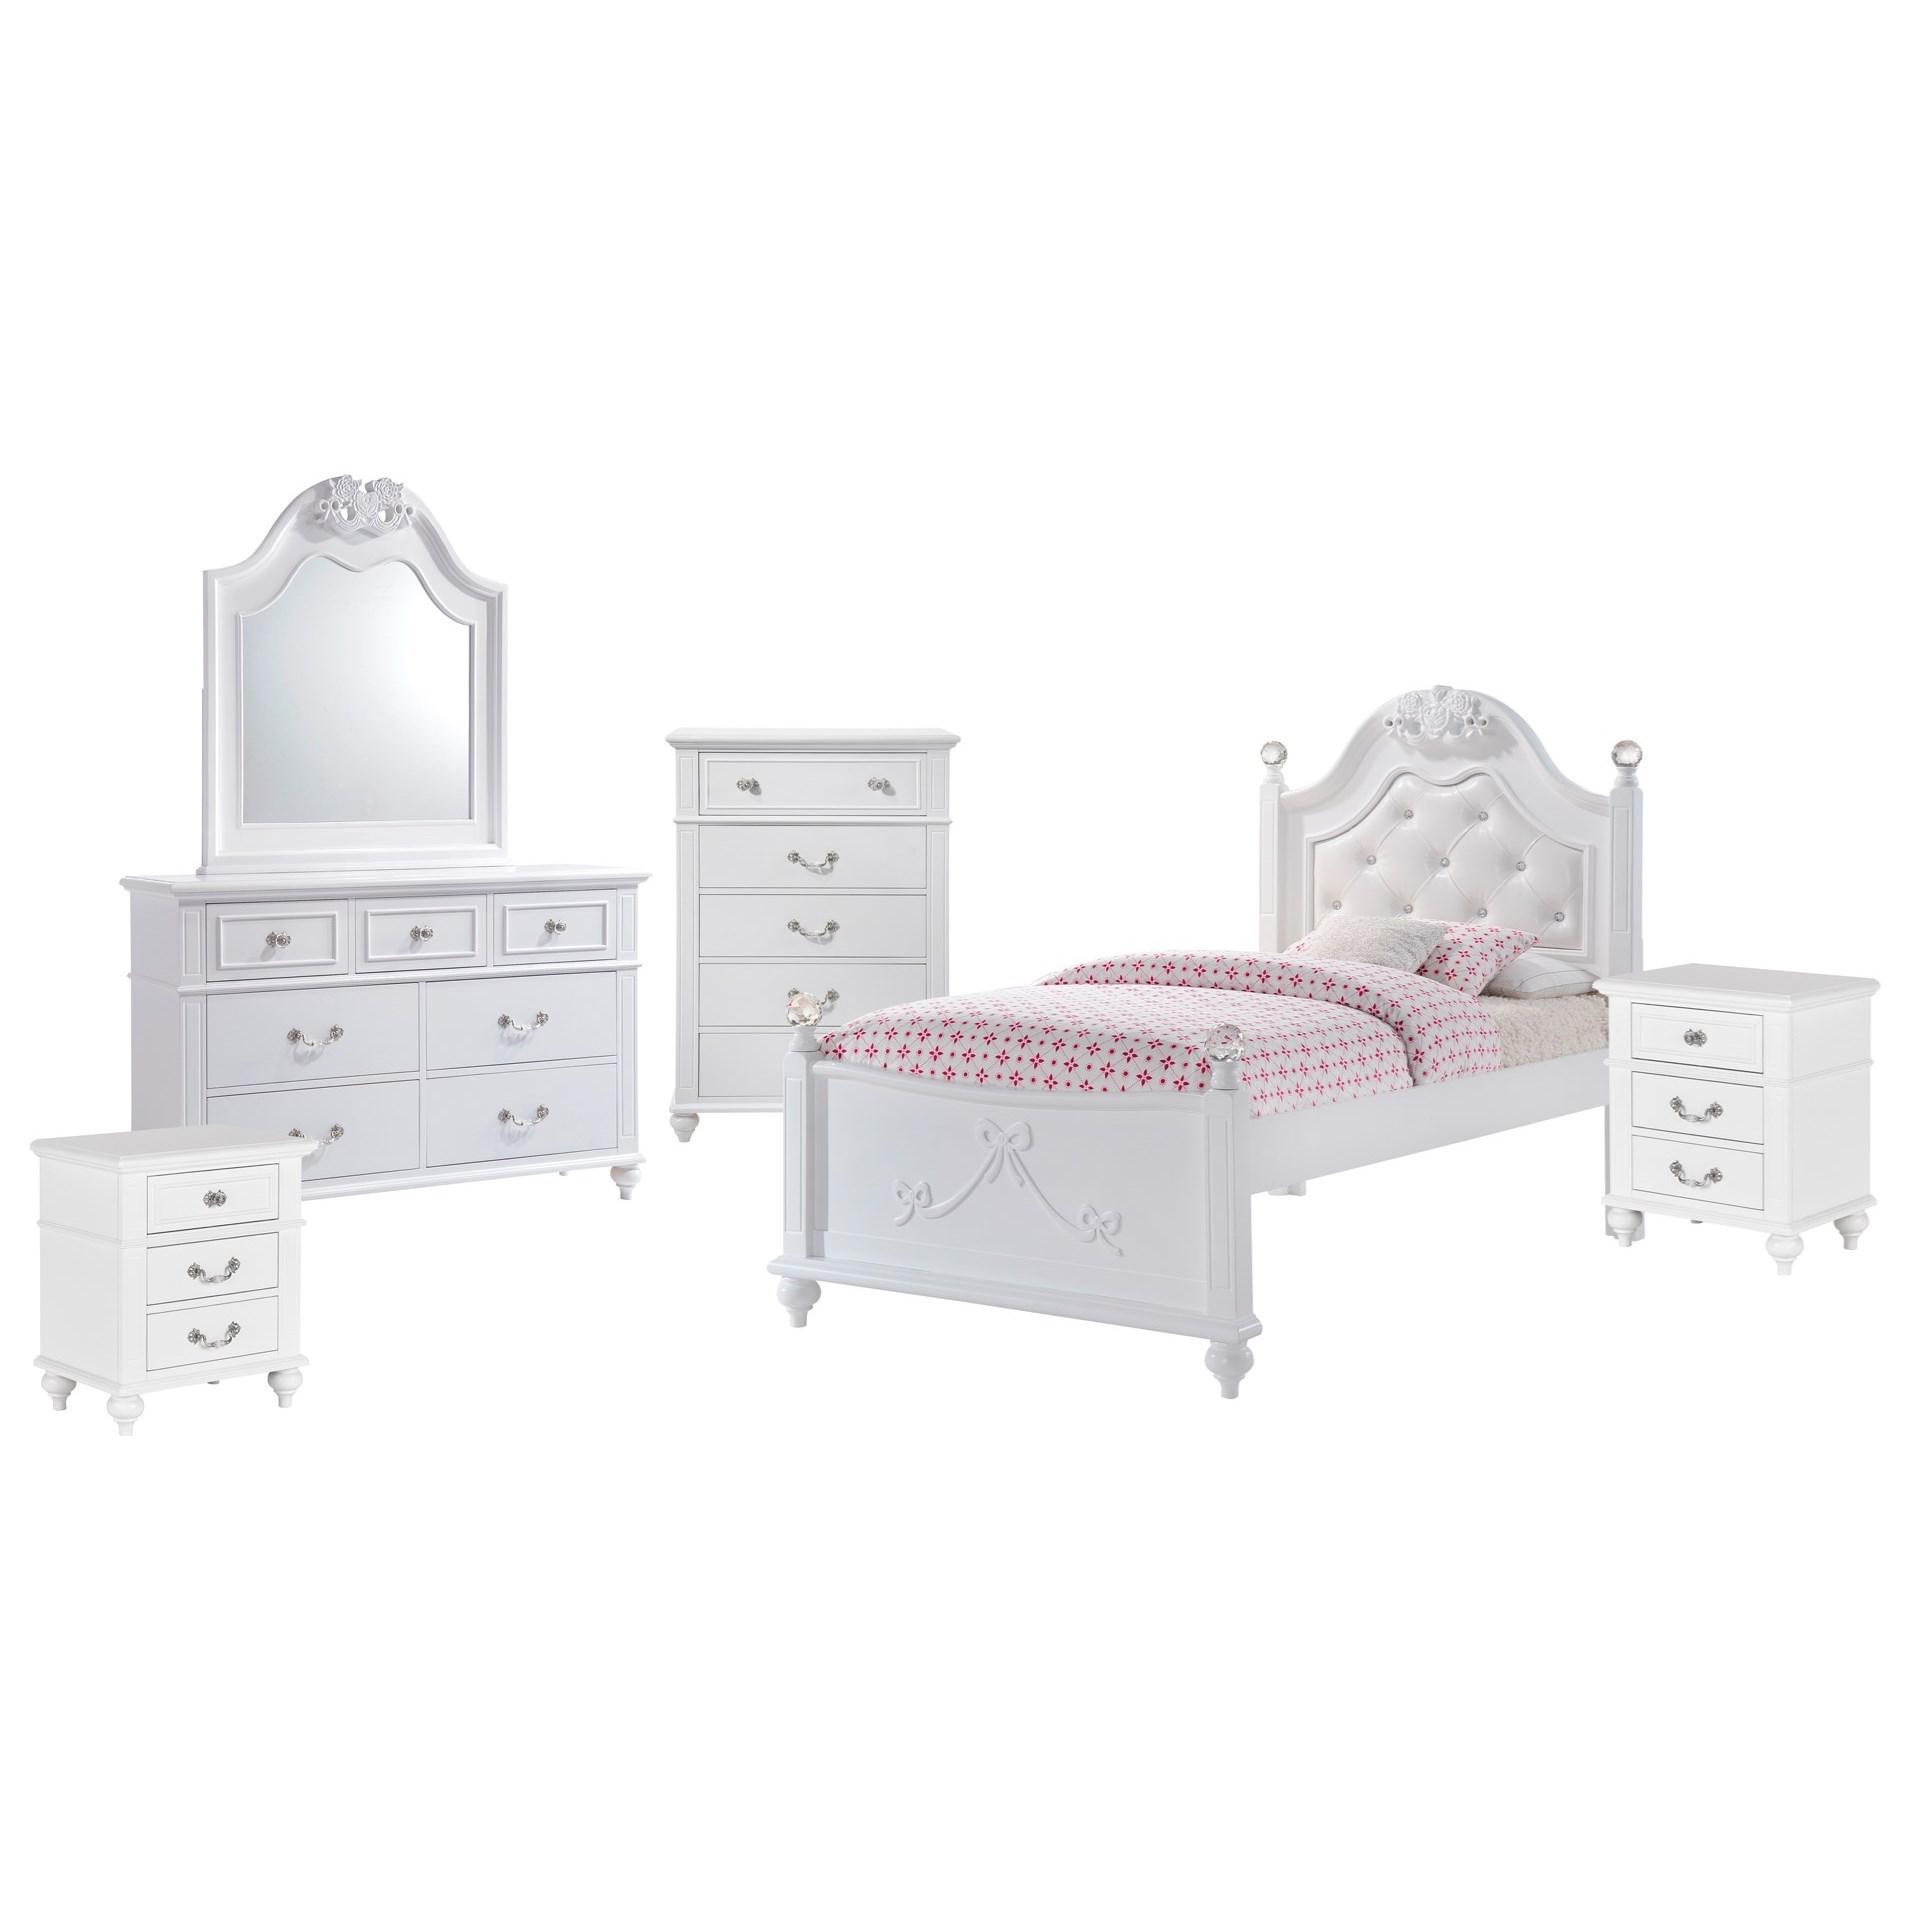 Twin 6-Piece Bedroom Set